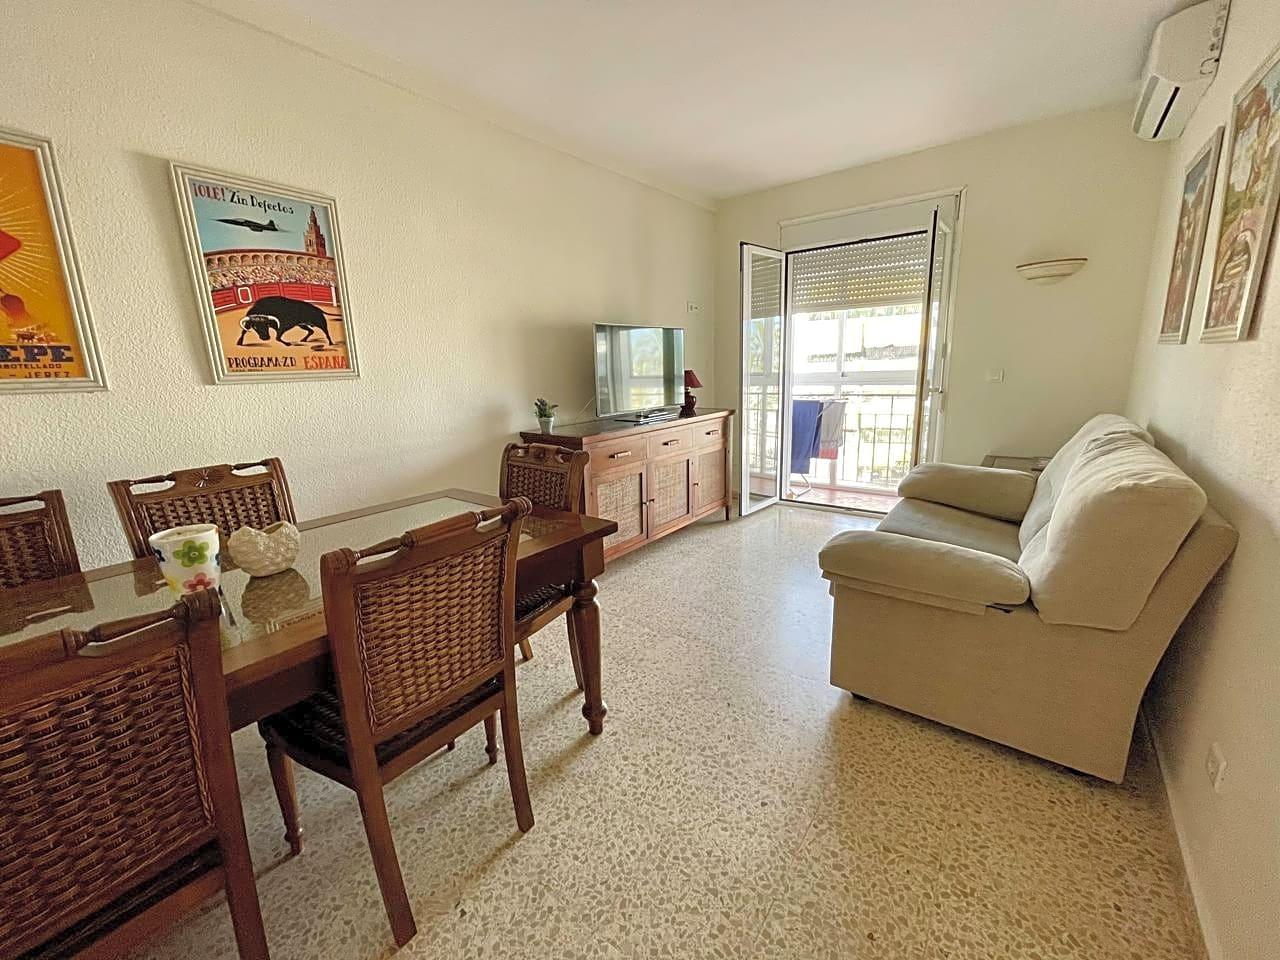 pisos en san-pedro-alcantara · avenida-marques-del-duero-29670 275000€